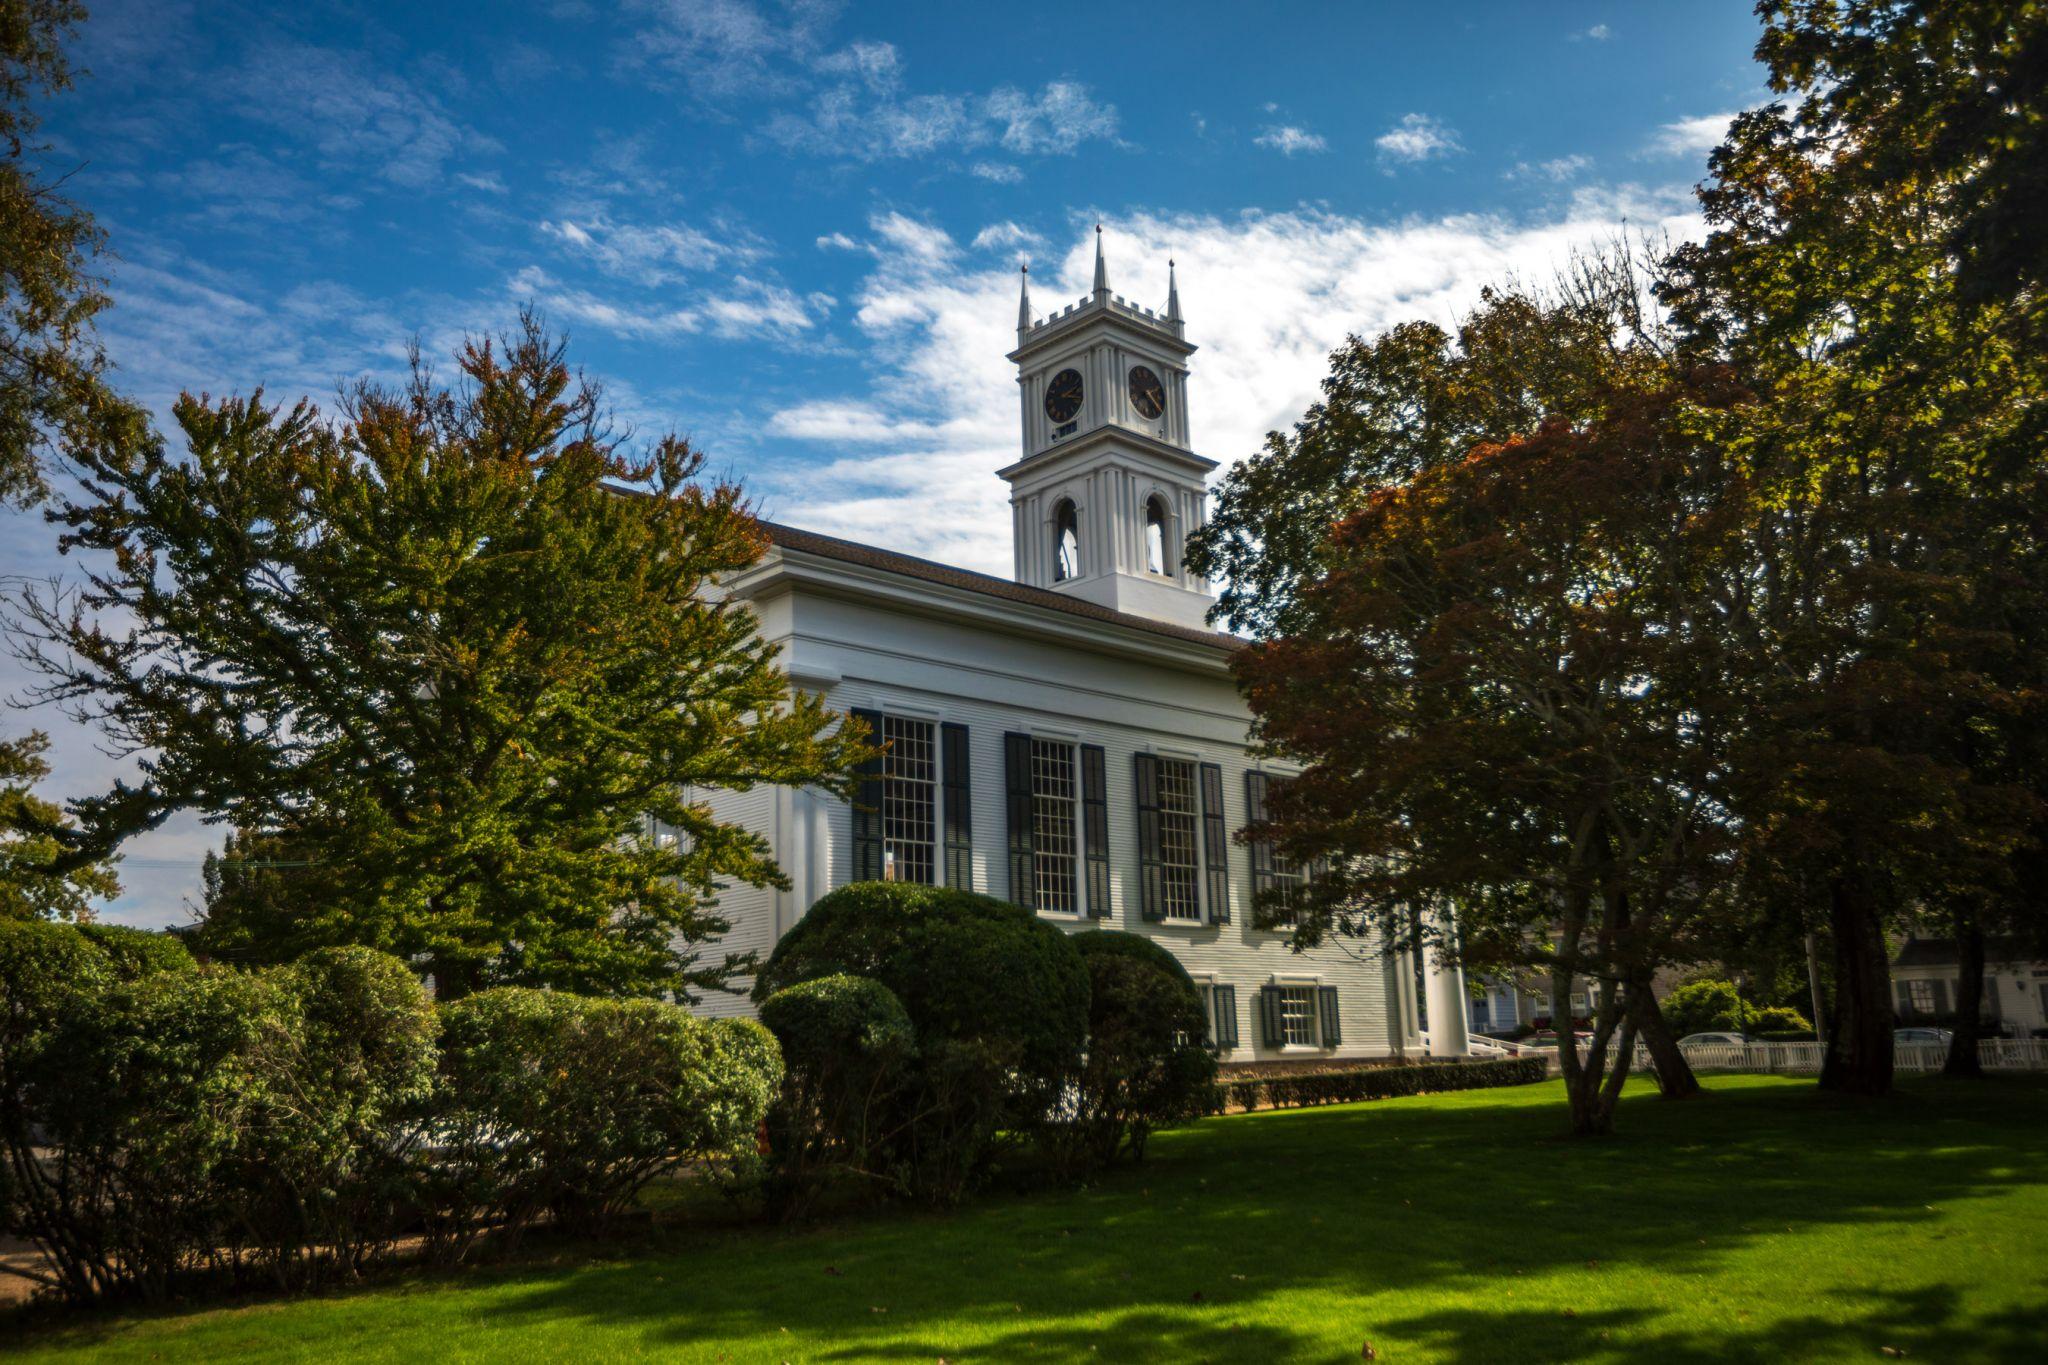 Old Whaling Church, Edgartown, Martha's Vineyard, USA